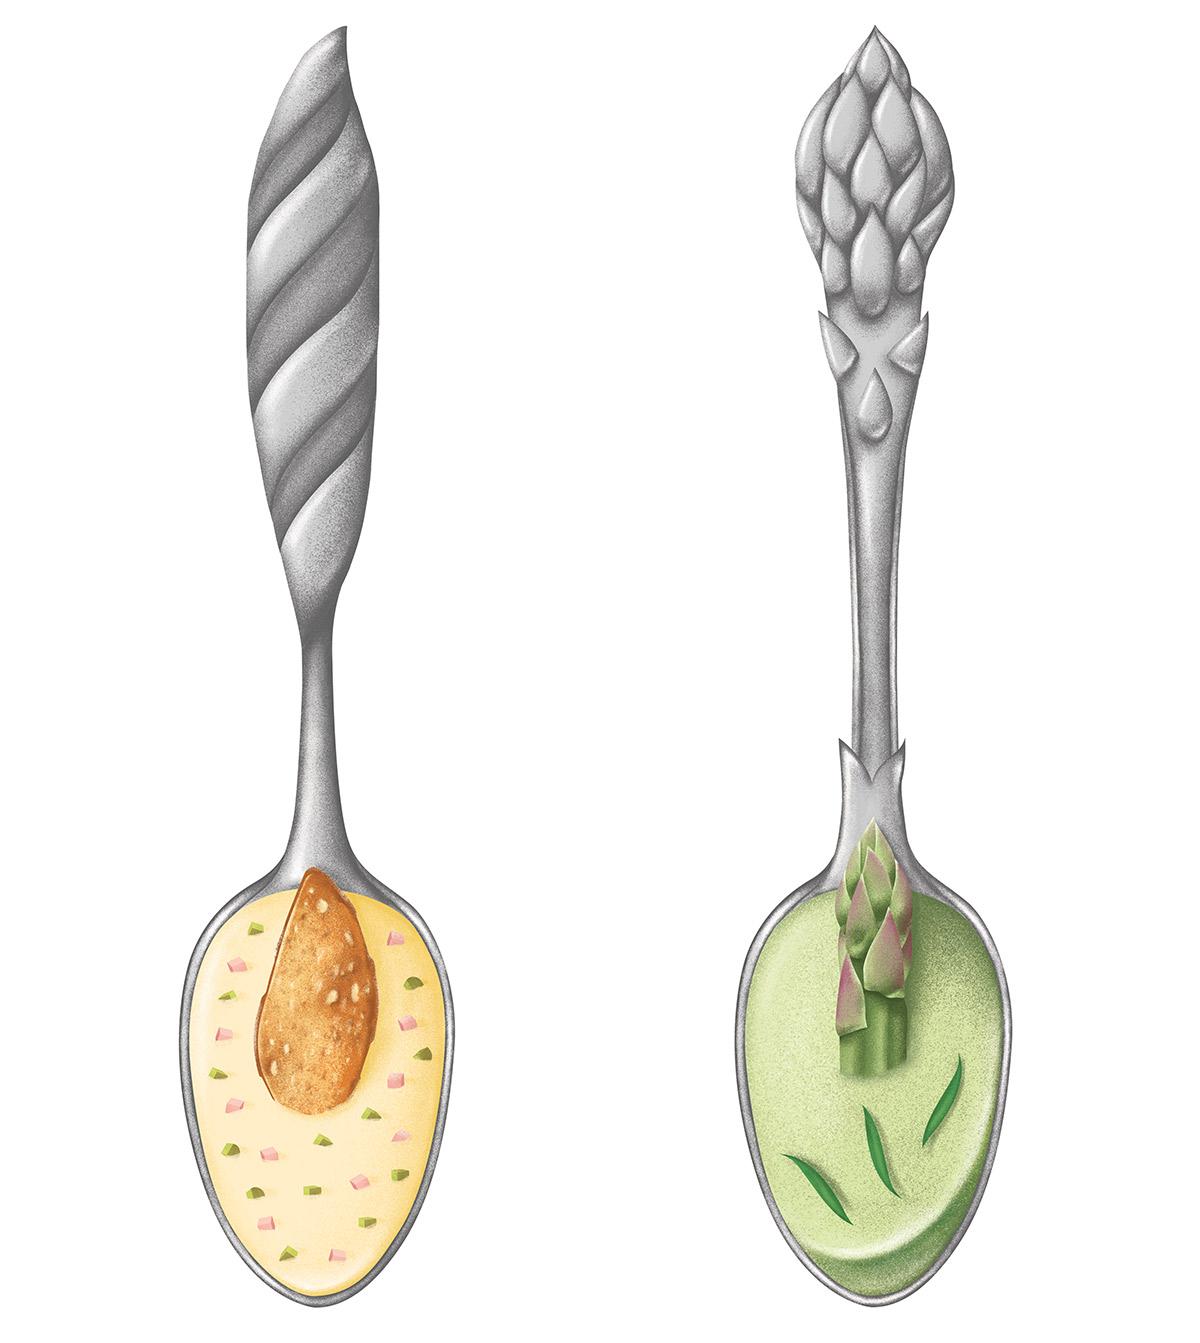 illustration réaliste de cuillères en argent ornées d'une asperge et d'une baguette de pain par ichetkar recettes au yaourt